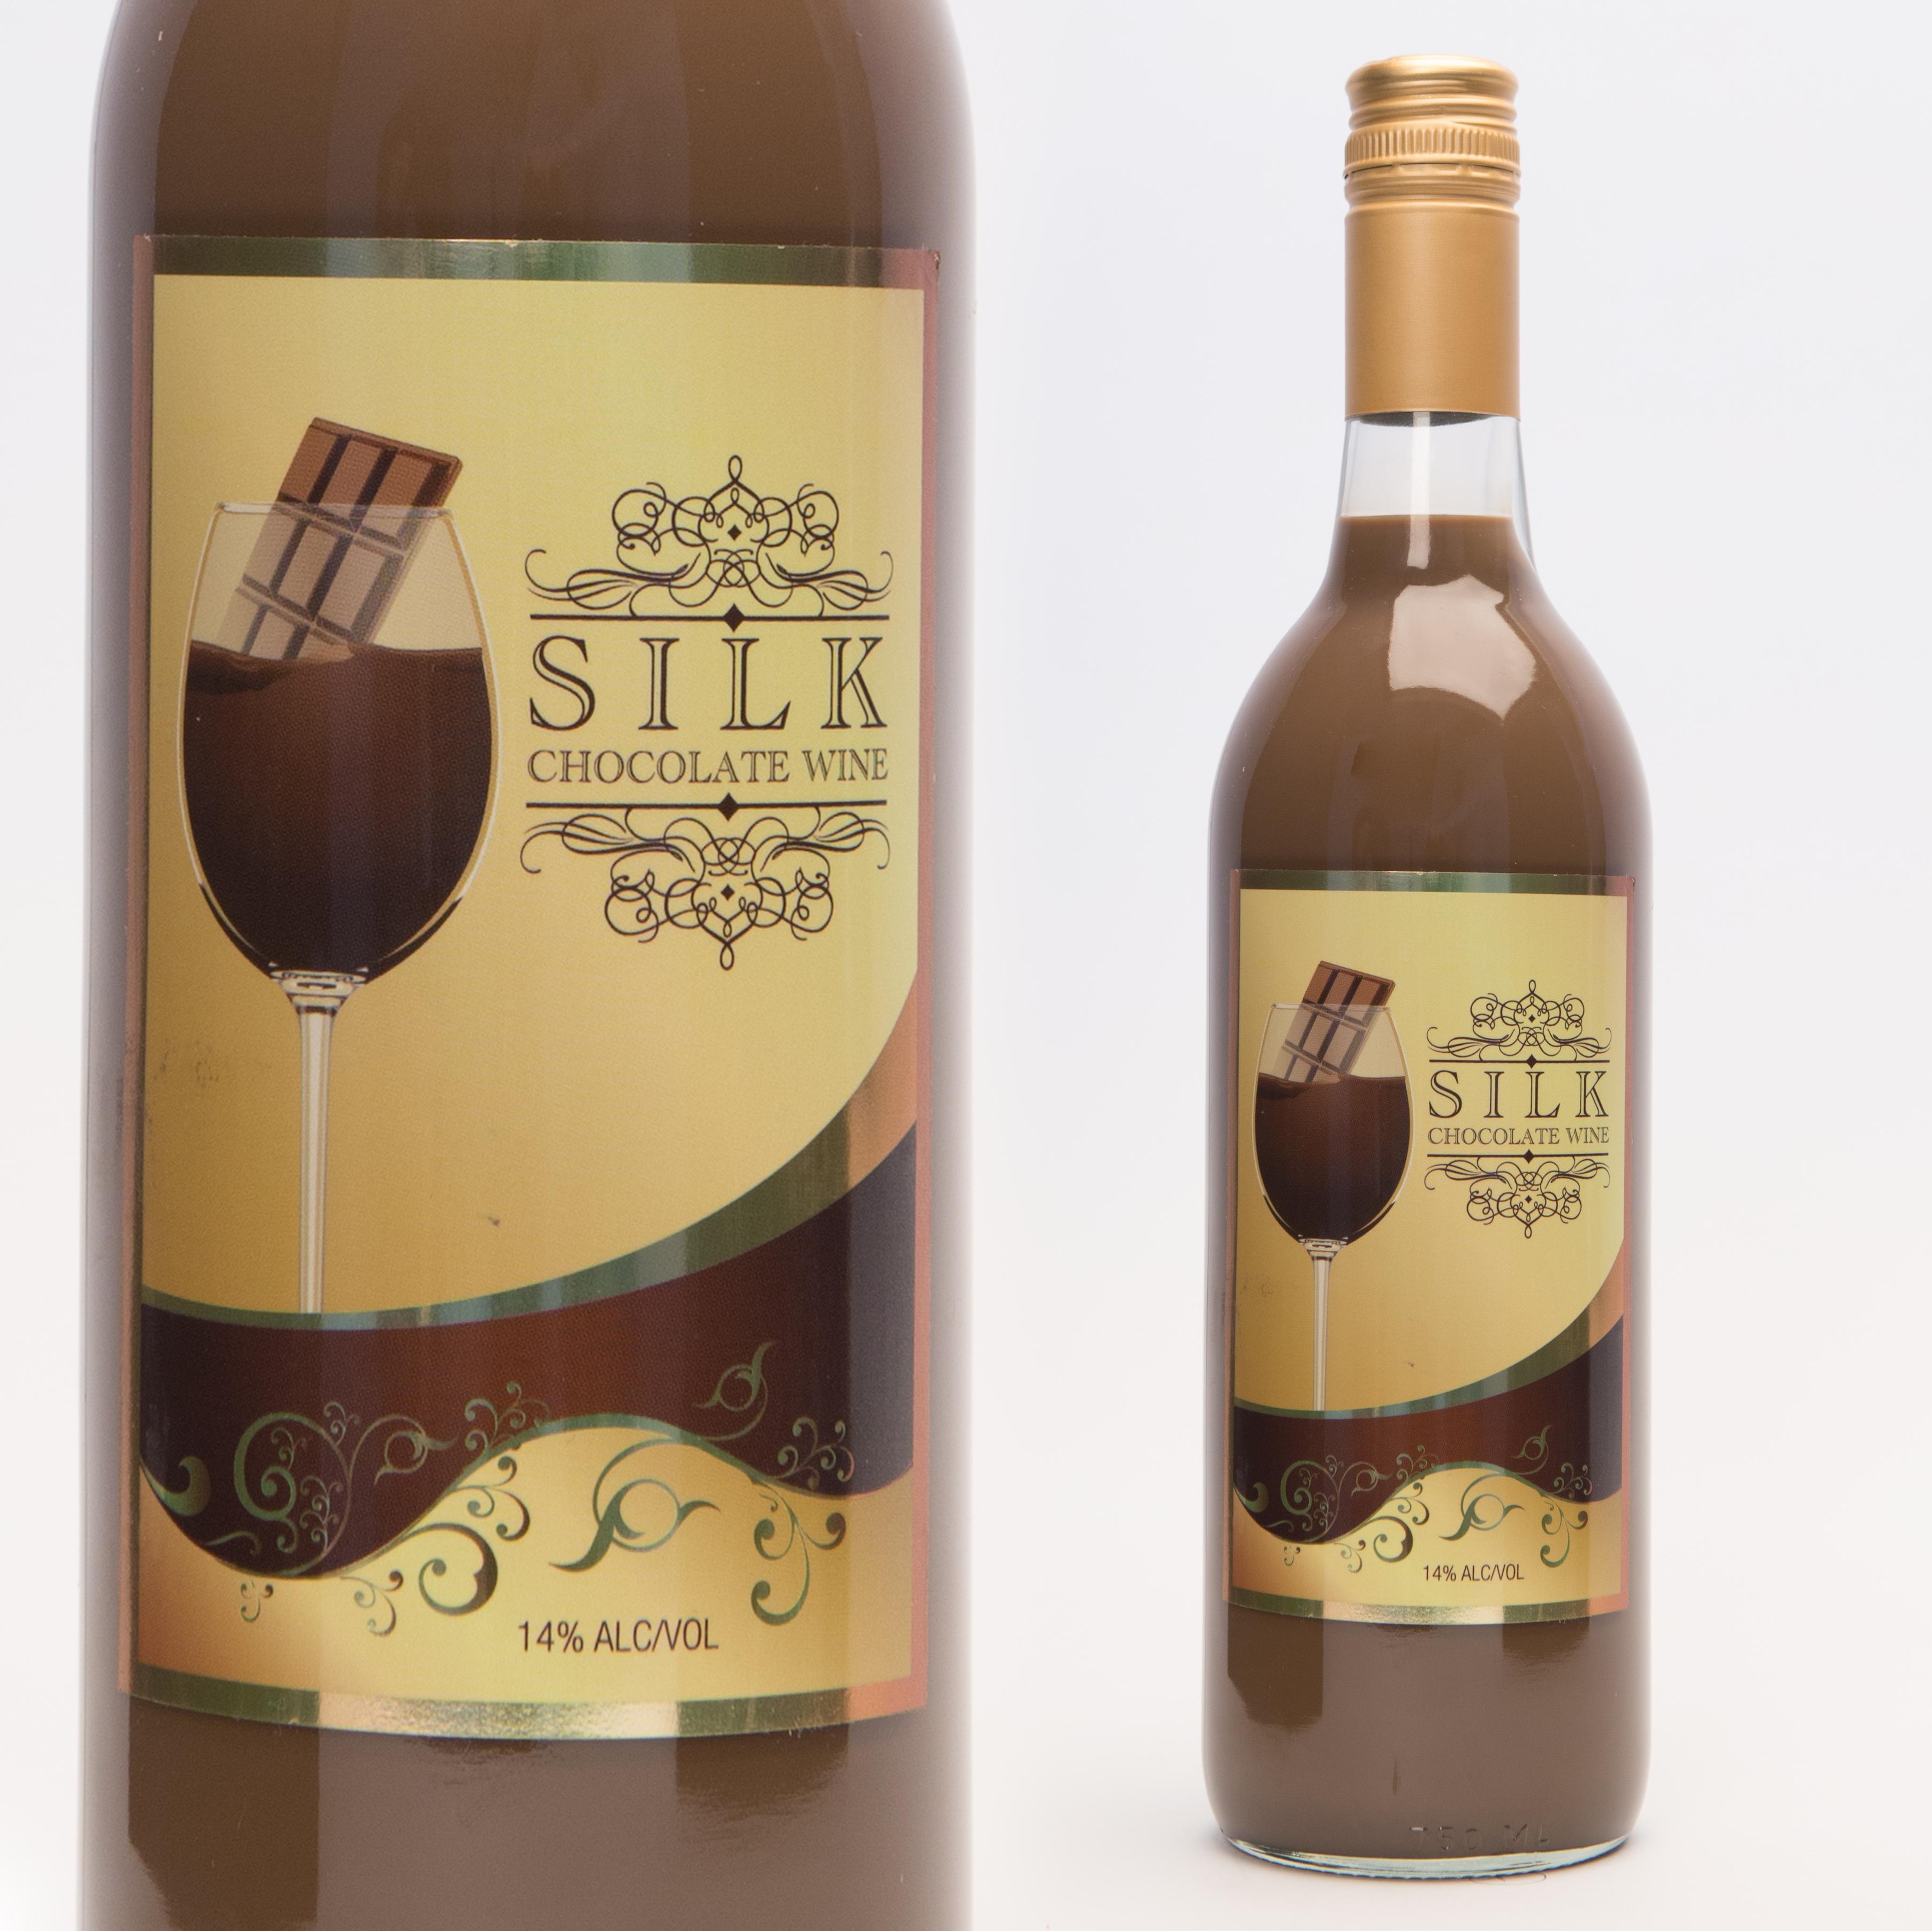 Silk Temperance Distilling